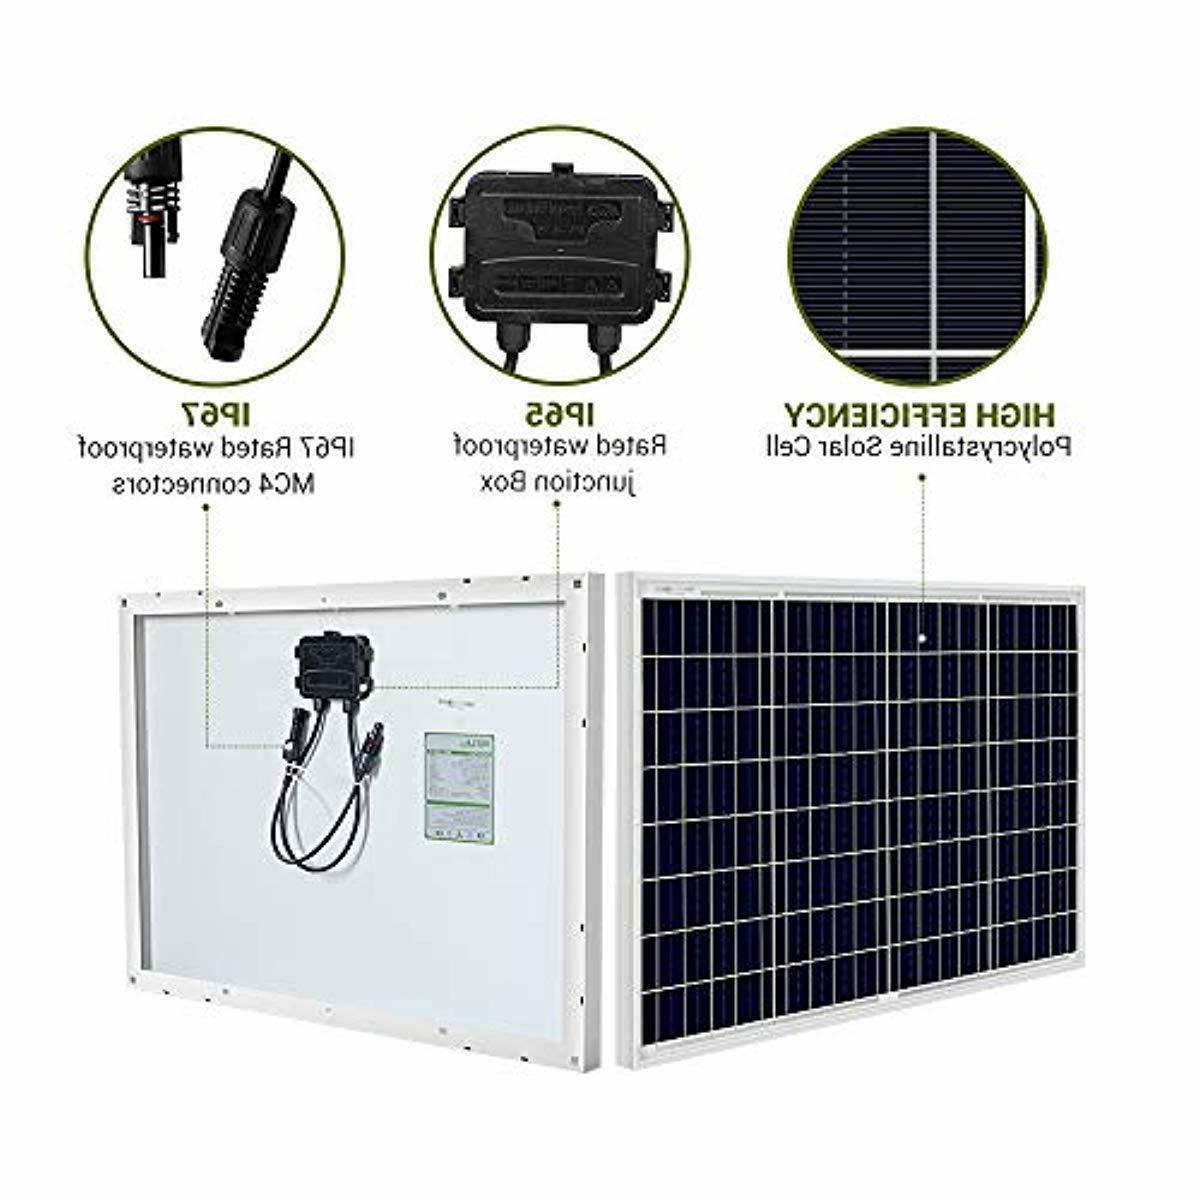 HQST Solar Panel Watt 12 Off Power RV Camping